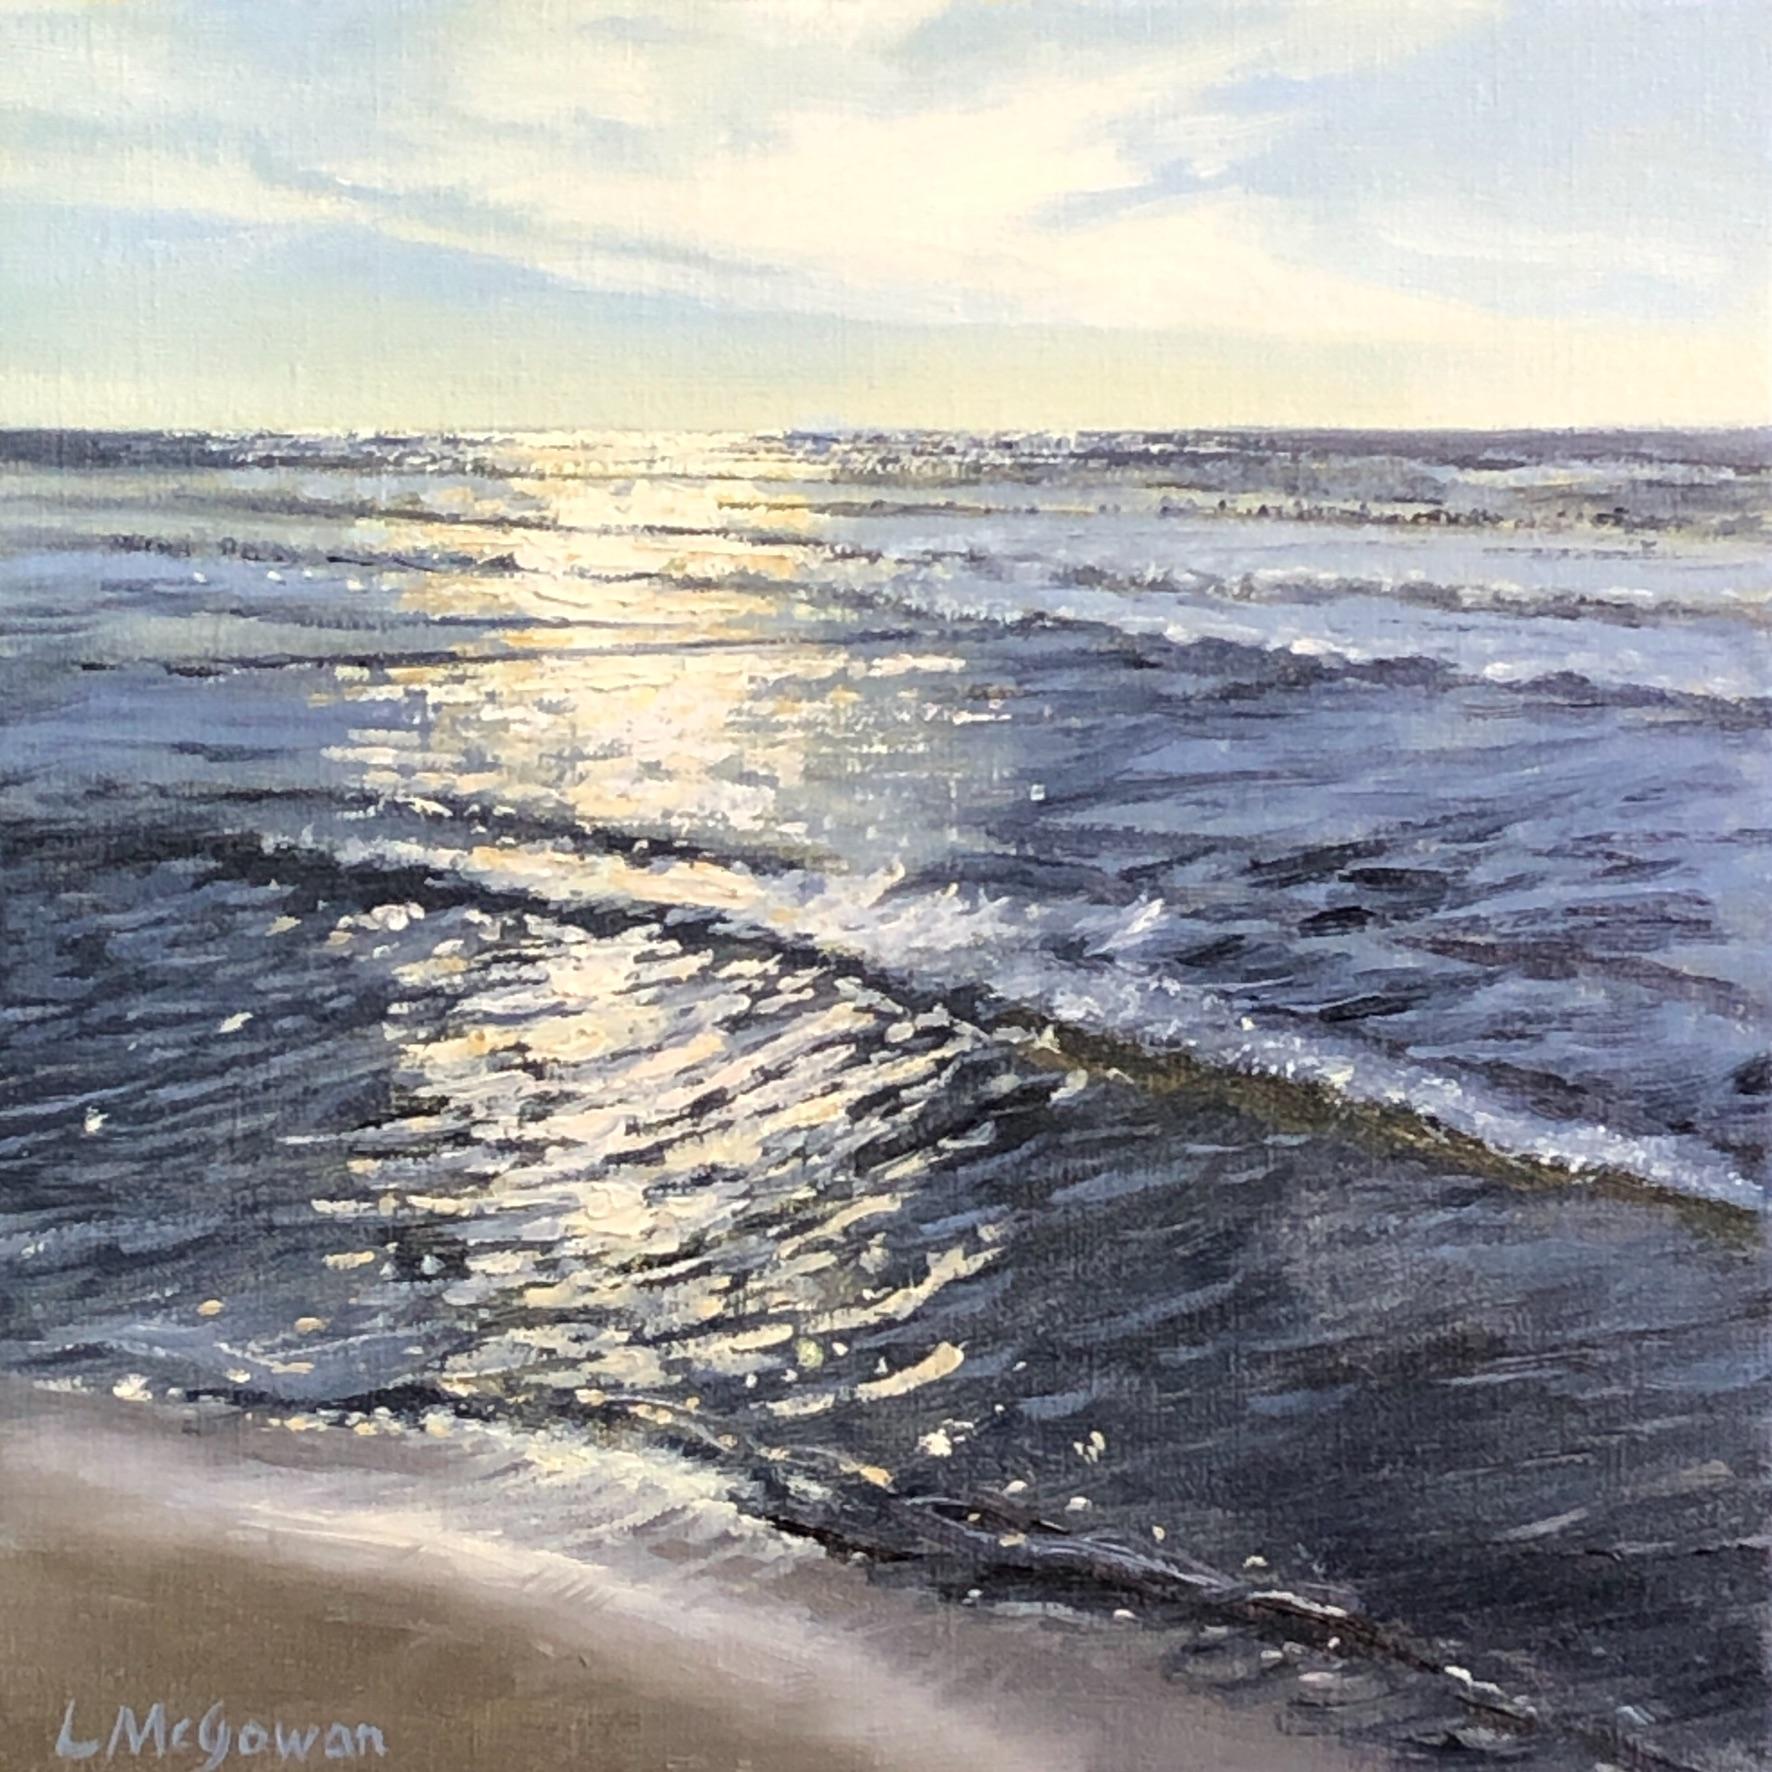 Artist Laura McGowan